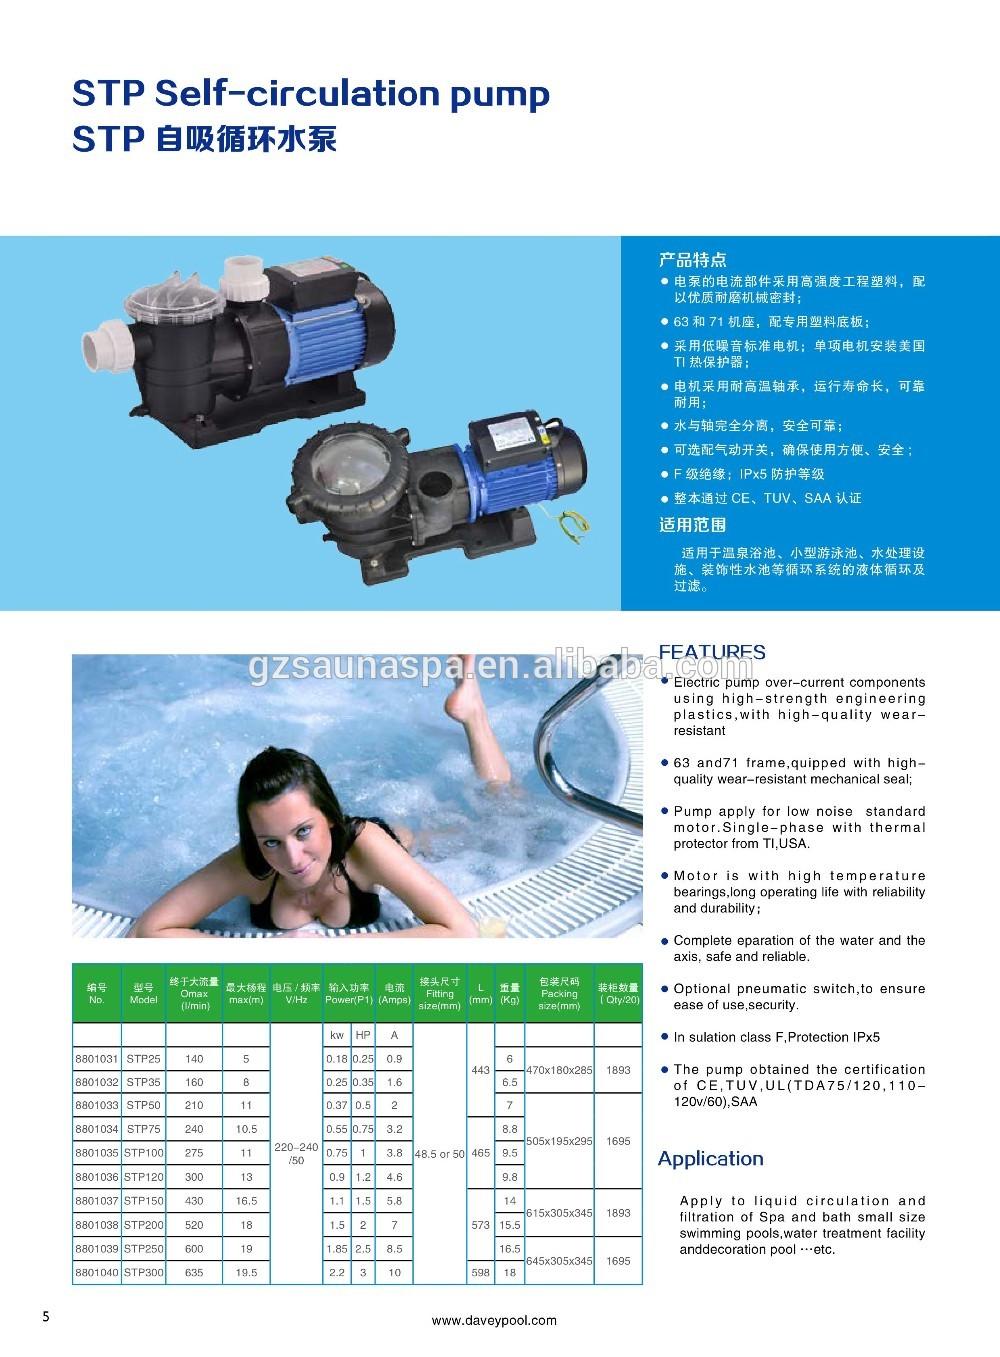 Насос для бассейна: циркуляционный, водяная помпа, для очистки с фильтром, как выбрать